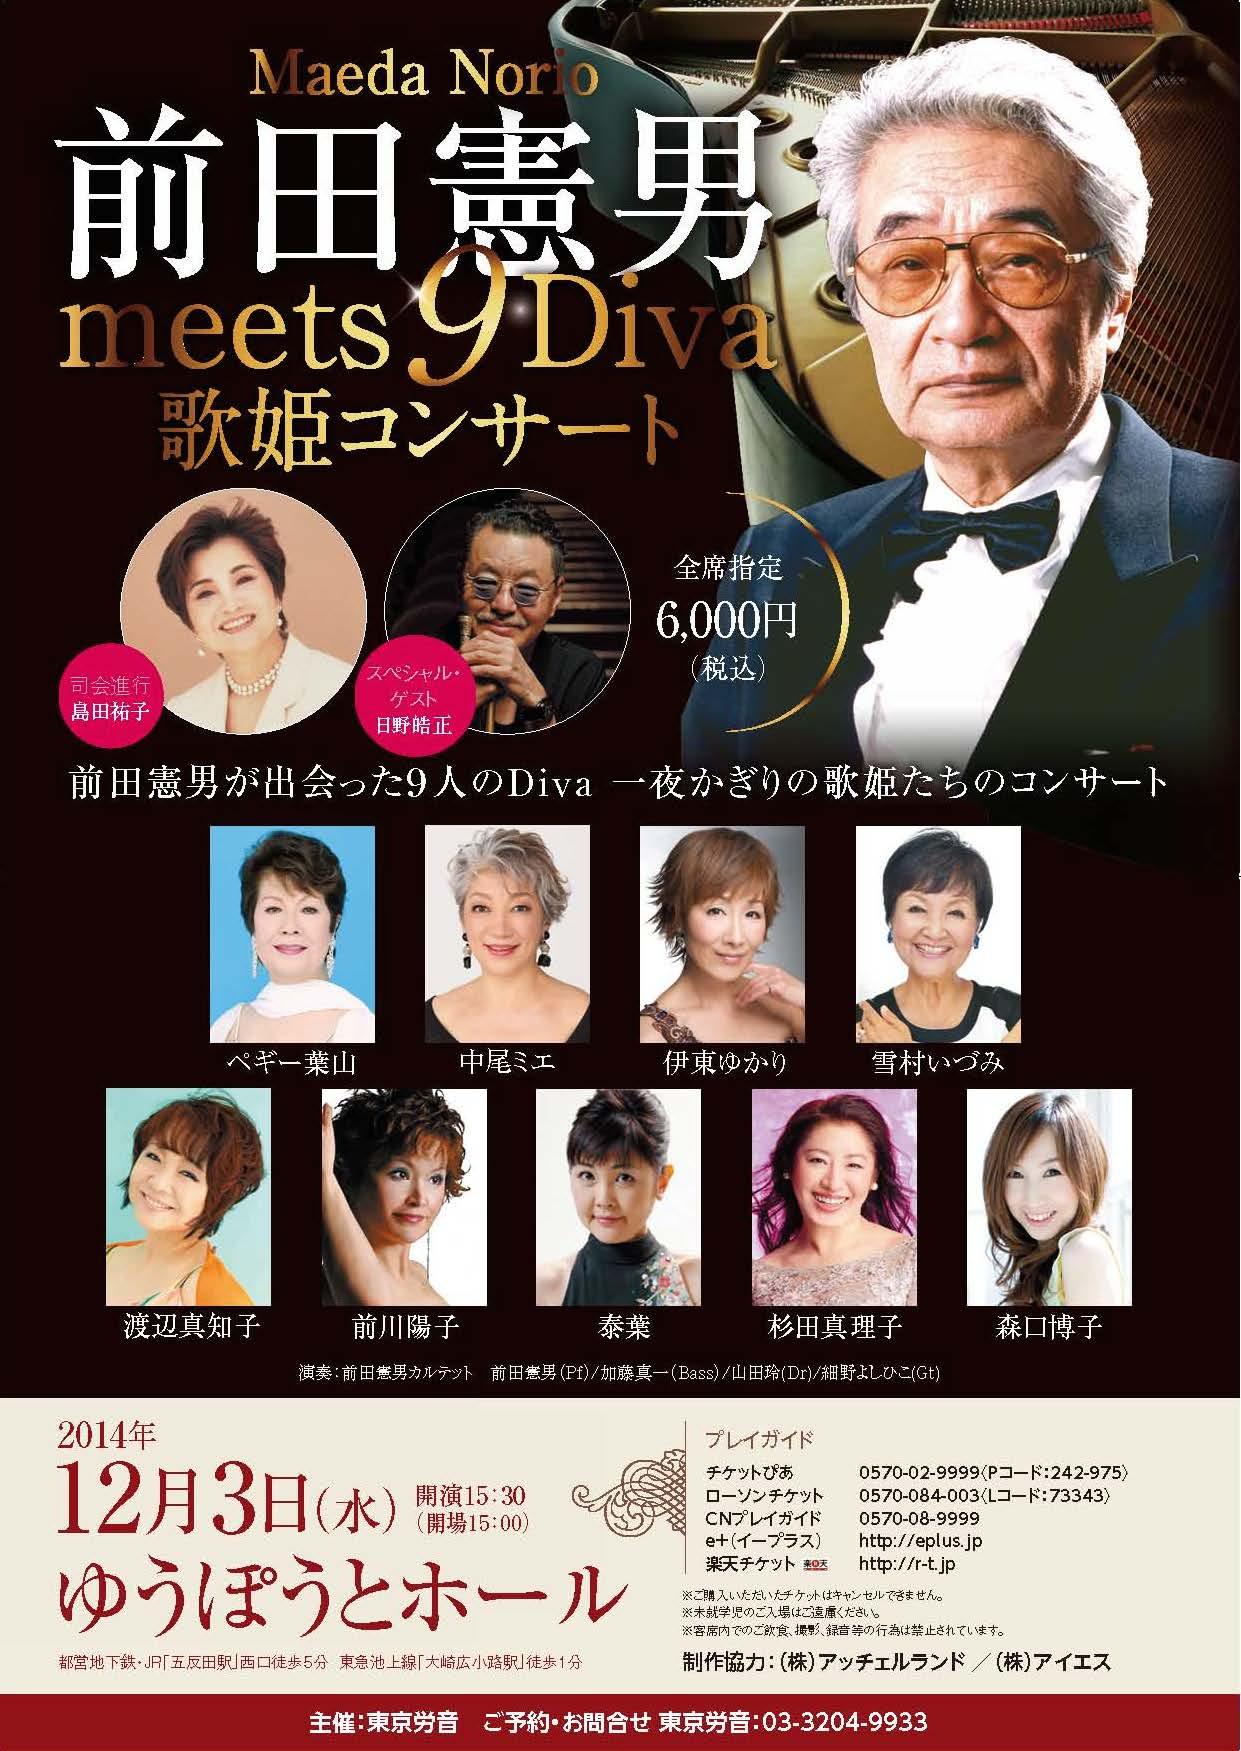 前田憲男 meets 9 Diva 歌姫コンサート_e0048332_1540536.jpg